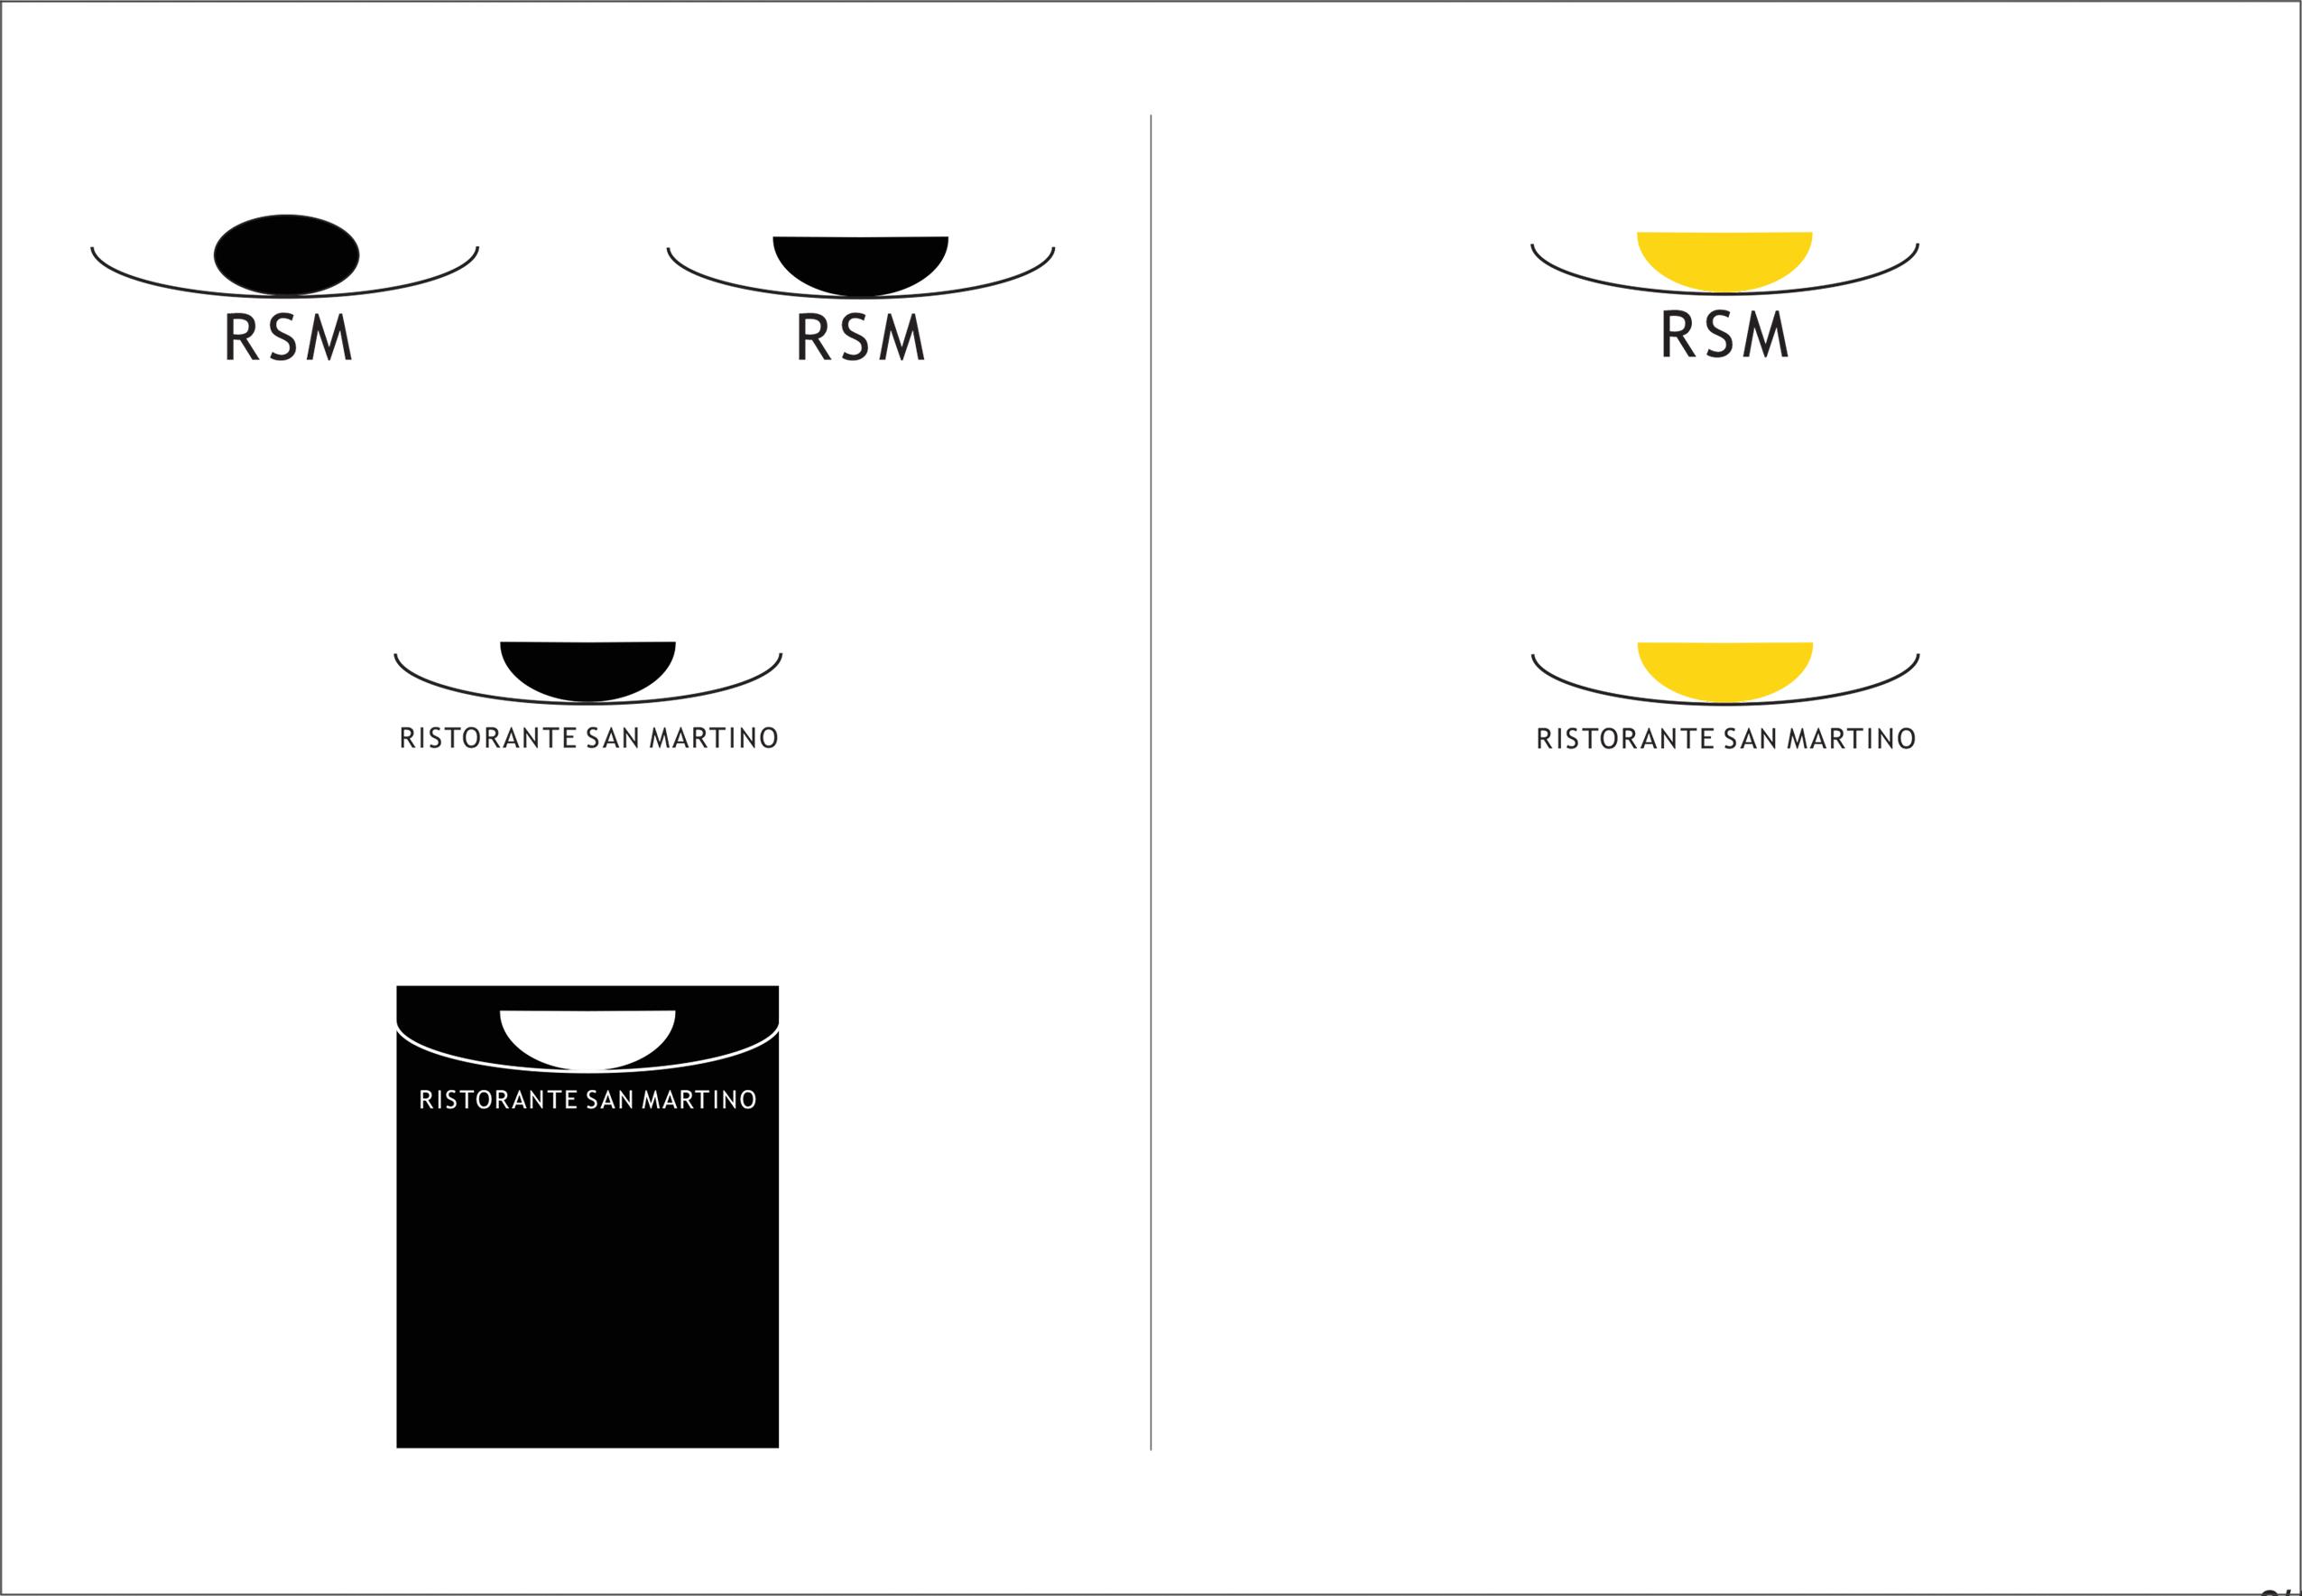 RSM_1A